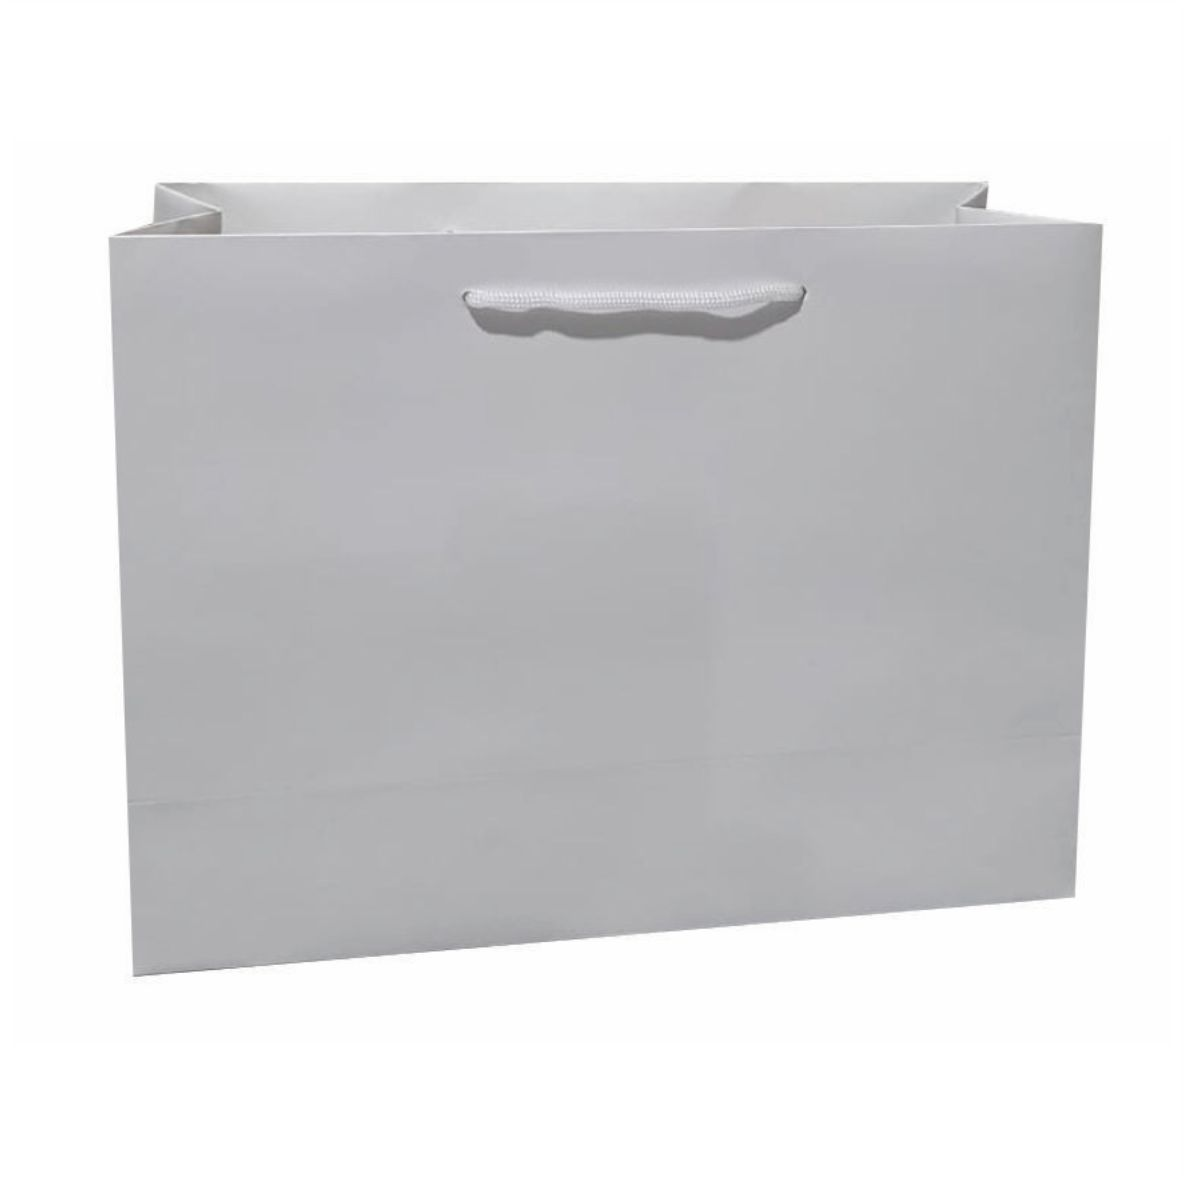 Sacola de papel kraft M - cor branca tamanho  -35x28x12 cm - 10 unidades